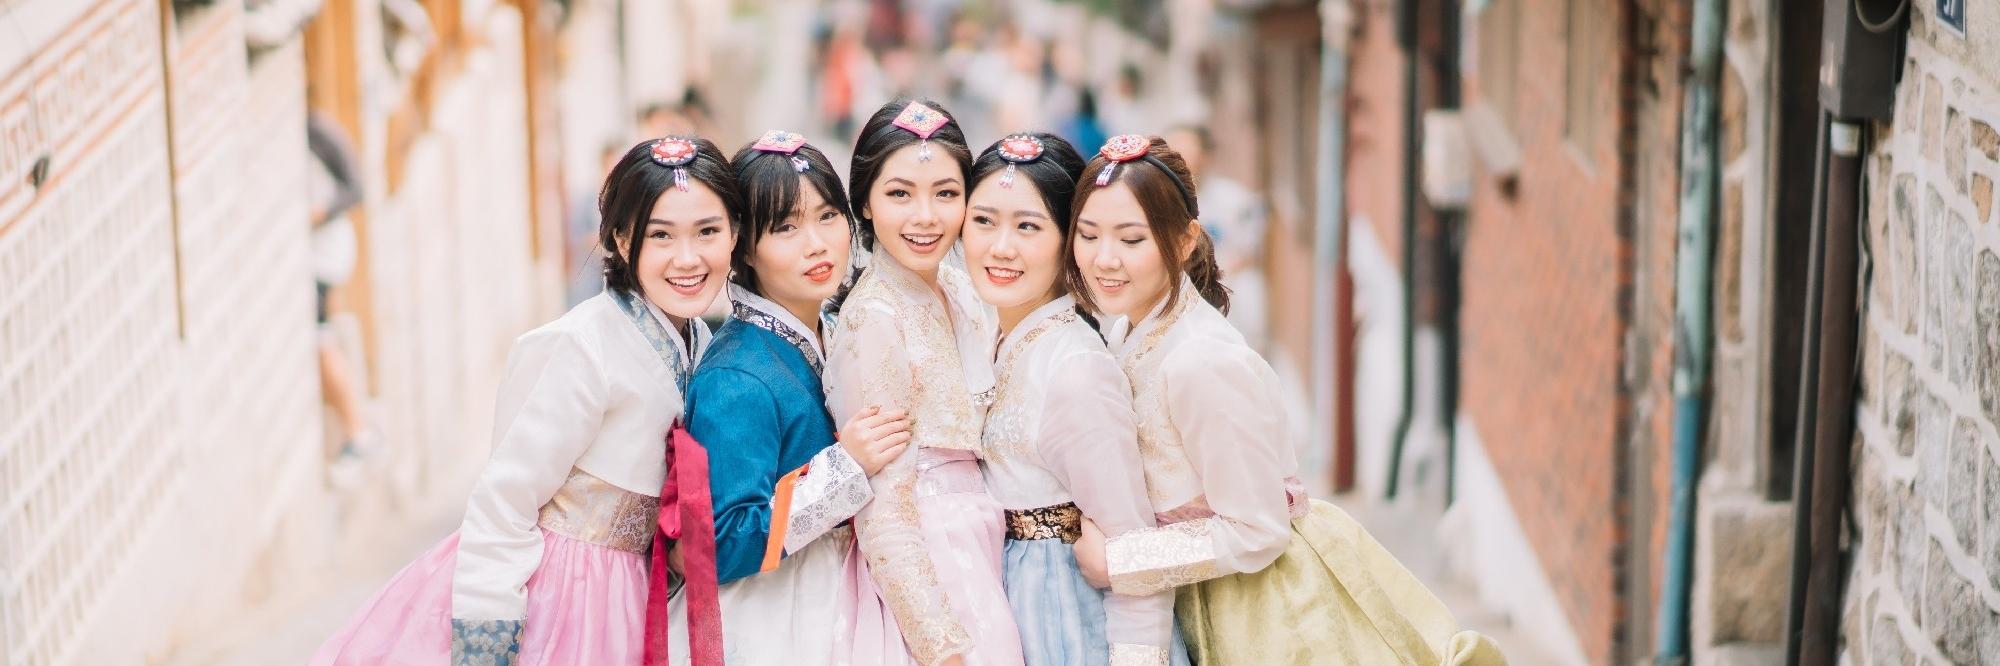 https://gody.vn/blog/nguyentoan02/post/kinh-nghiem-thue-va-trai-nghiem-mac-hanbok-khi-du-lich-han-quoc-955